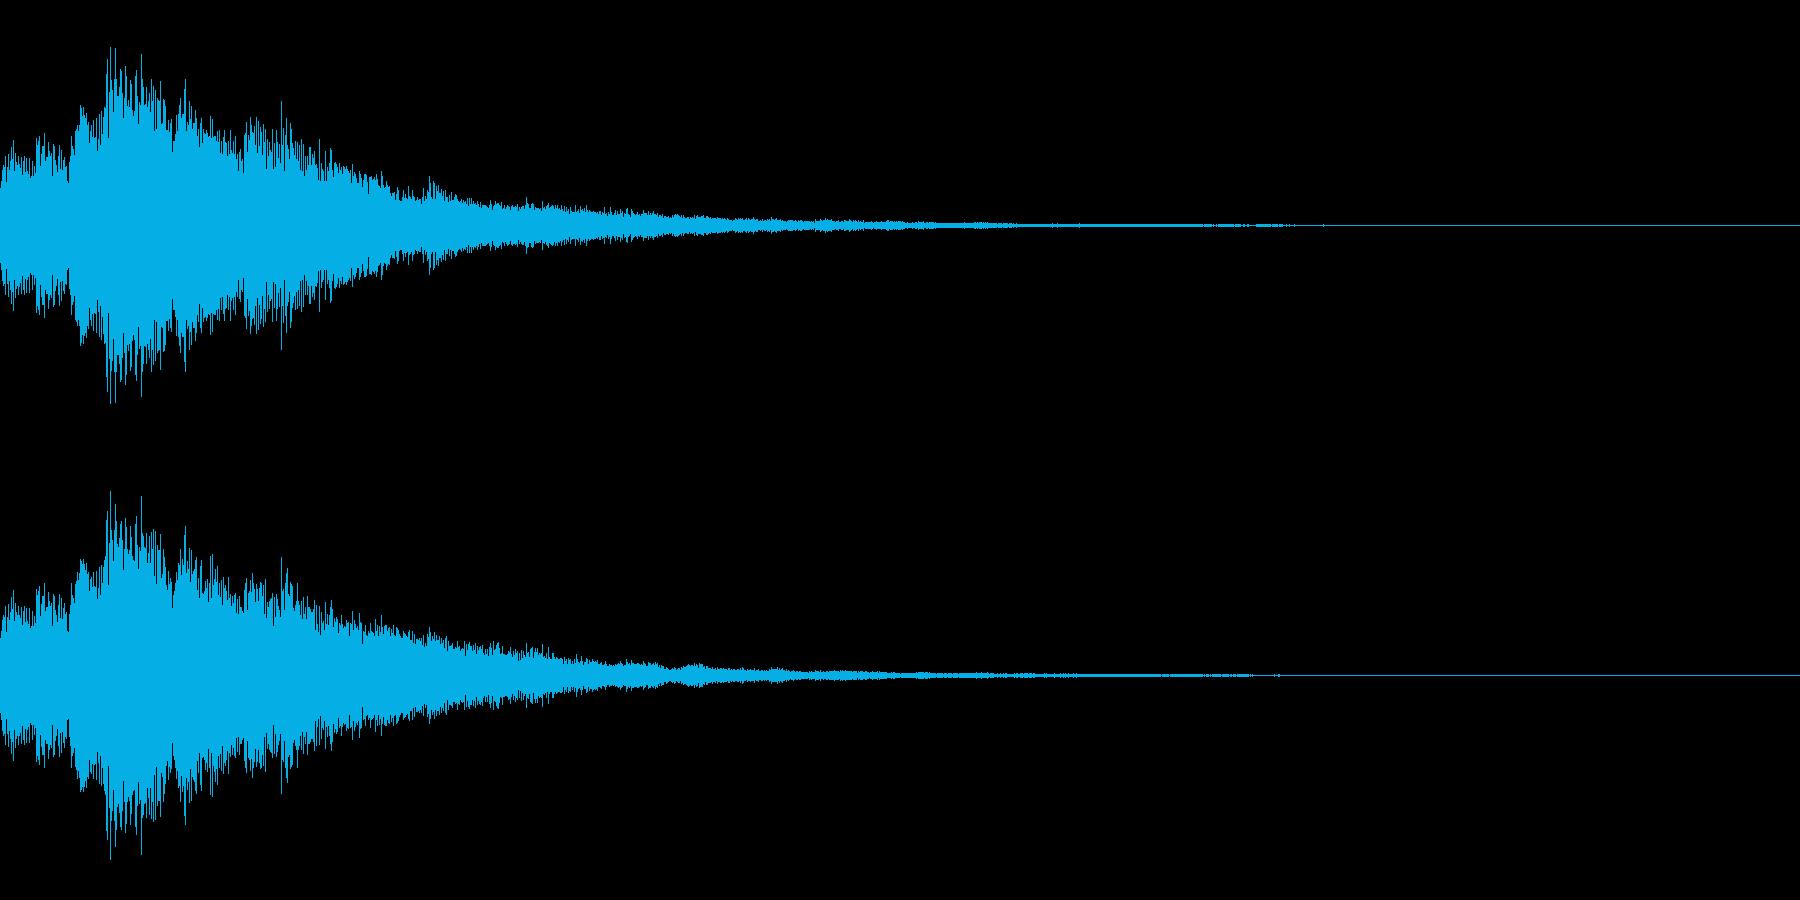 キラリン(明るくポジティブな上昇音)の再生済みの波形